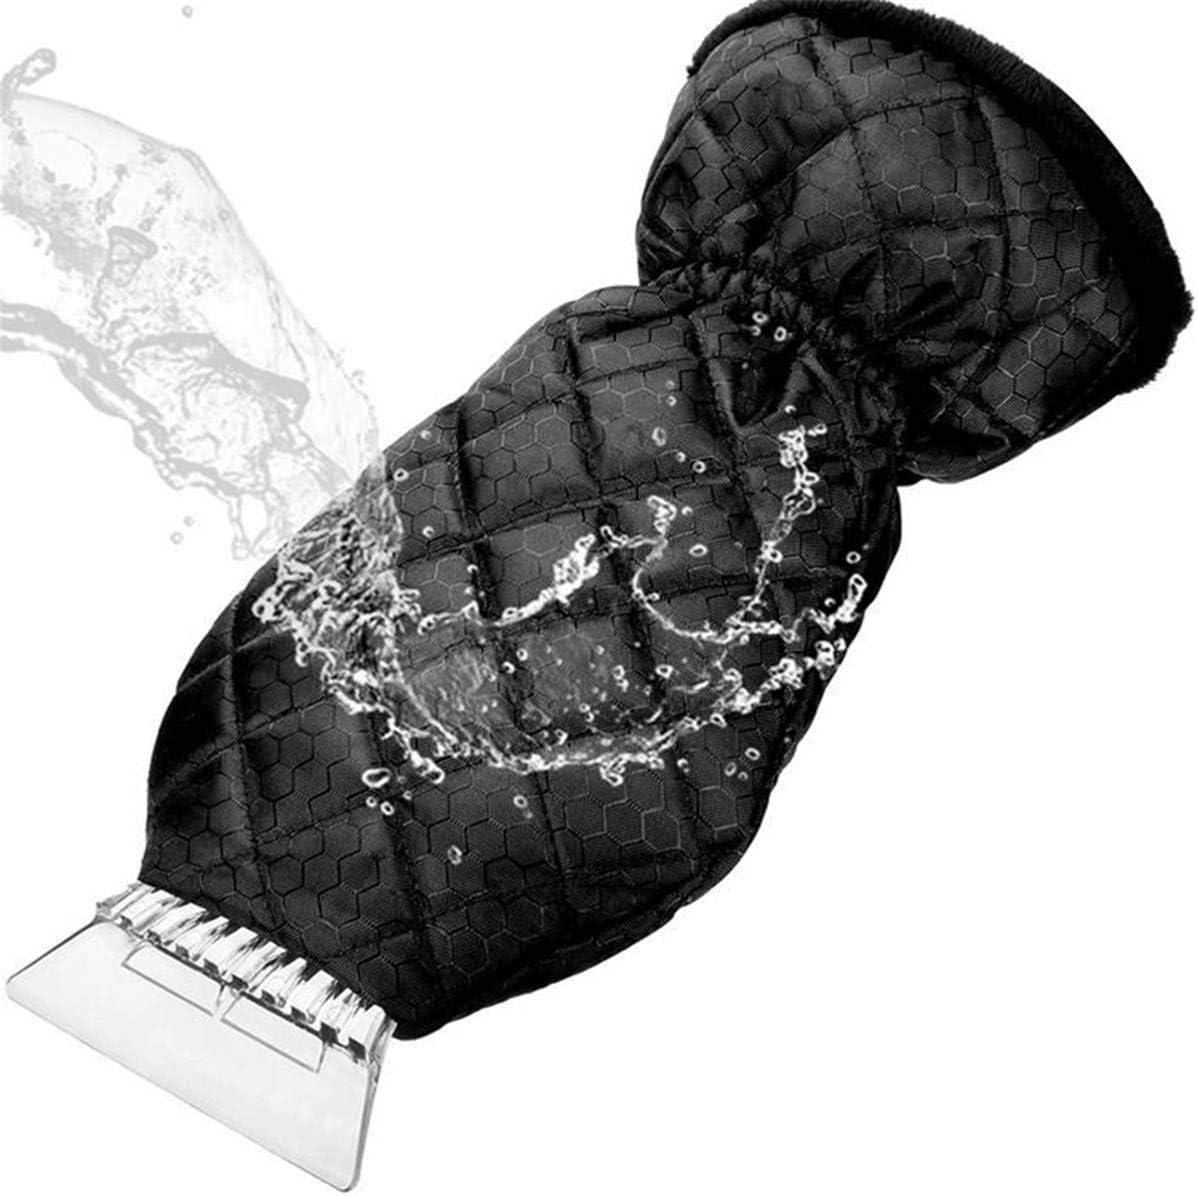 Starlife Gant grattoir /à Glace imperm/éable 2 pi/èces, Noir Durable pour Pare-Brise de Voiture Garde Vos Mains au Chaud Outil de Nettoyage pour enlever la Neige et Le Givre